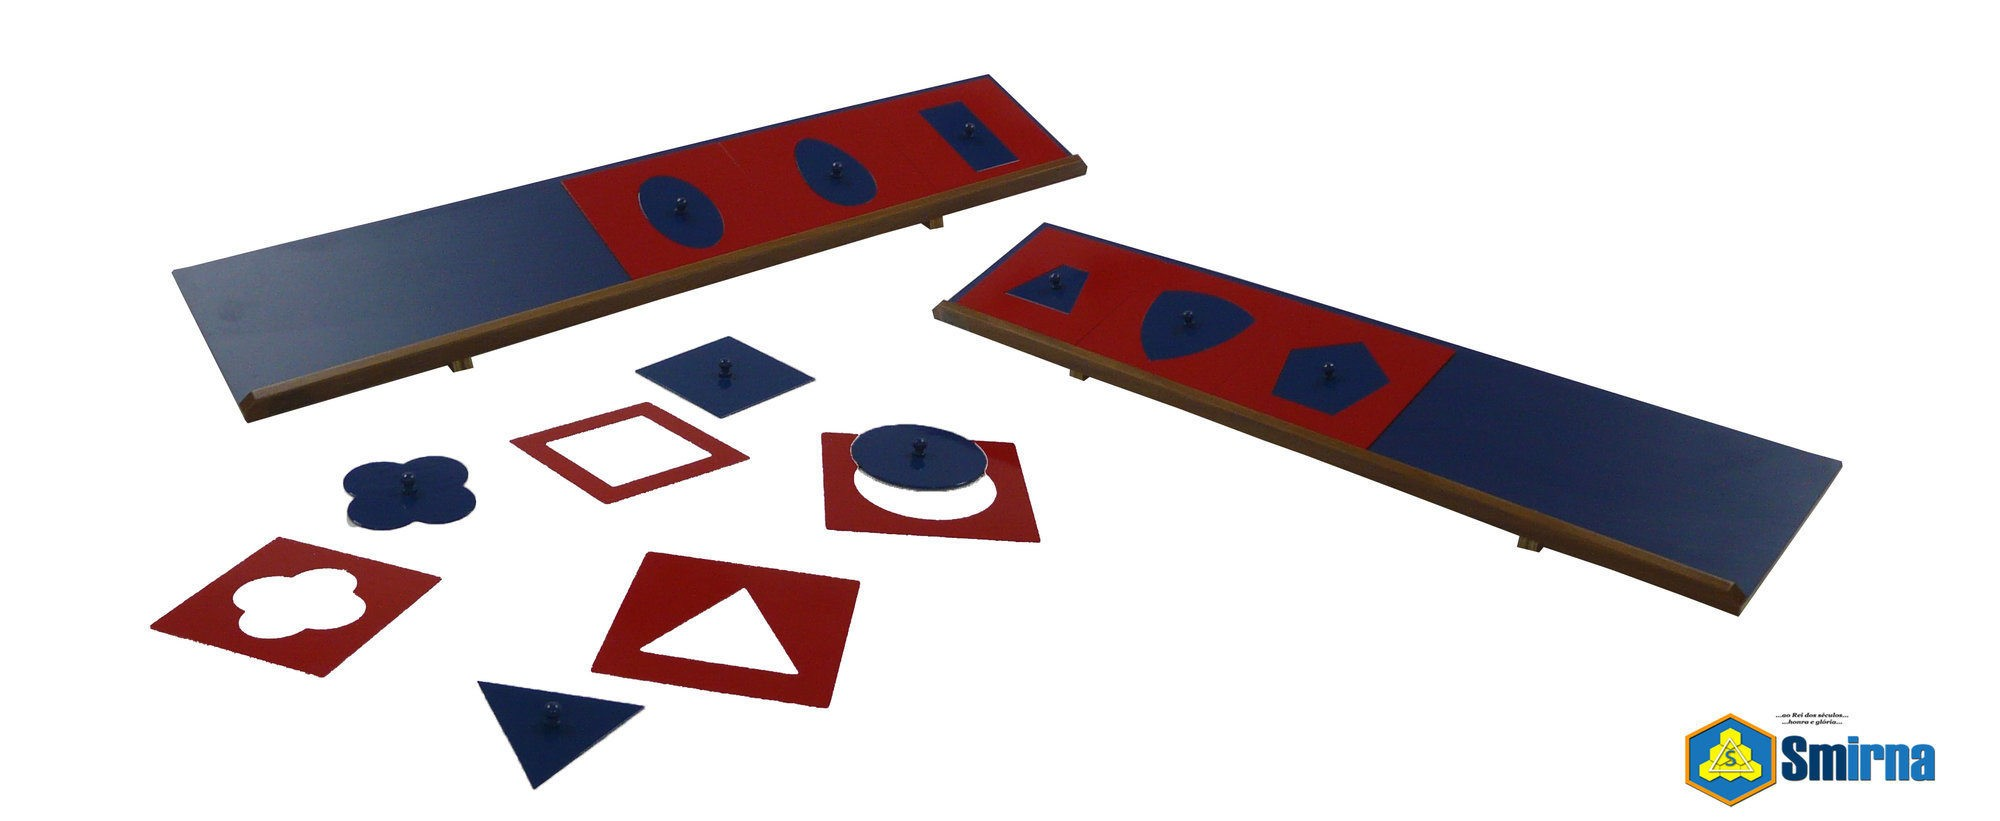 Encaixes de Ferro - Formas Metálicas